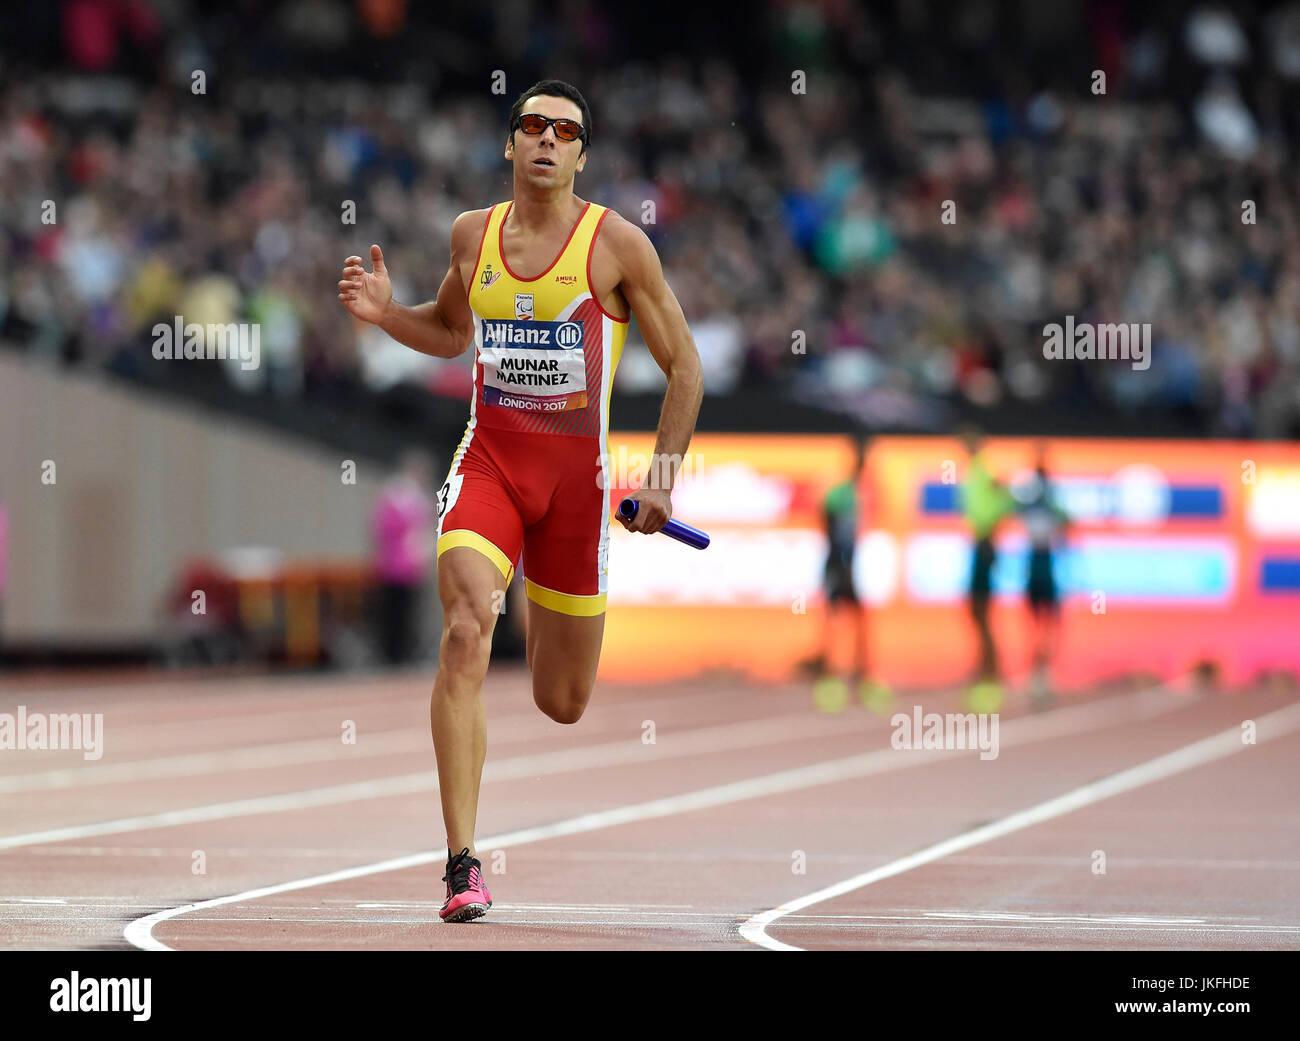 Londra Inghilterra - Luglio 23, 2017: Joan Munar Martinez (EPS) in uomini 4x100m il relè T11-13 durante la Immagini Stock